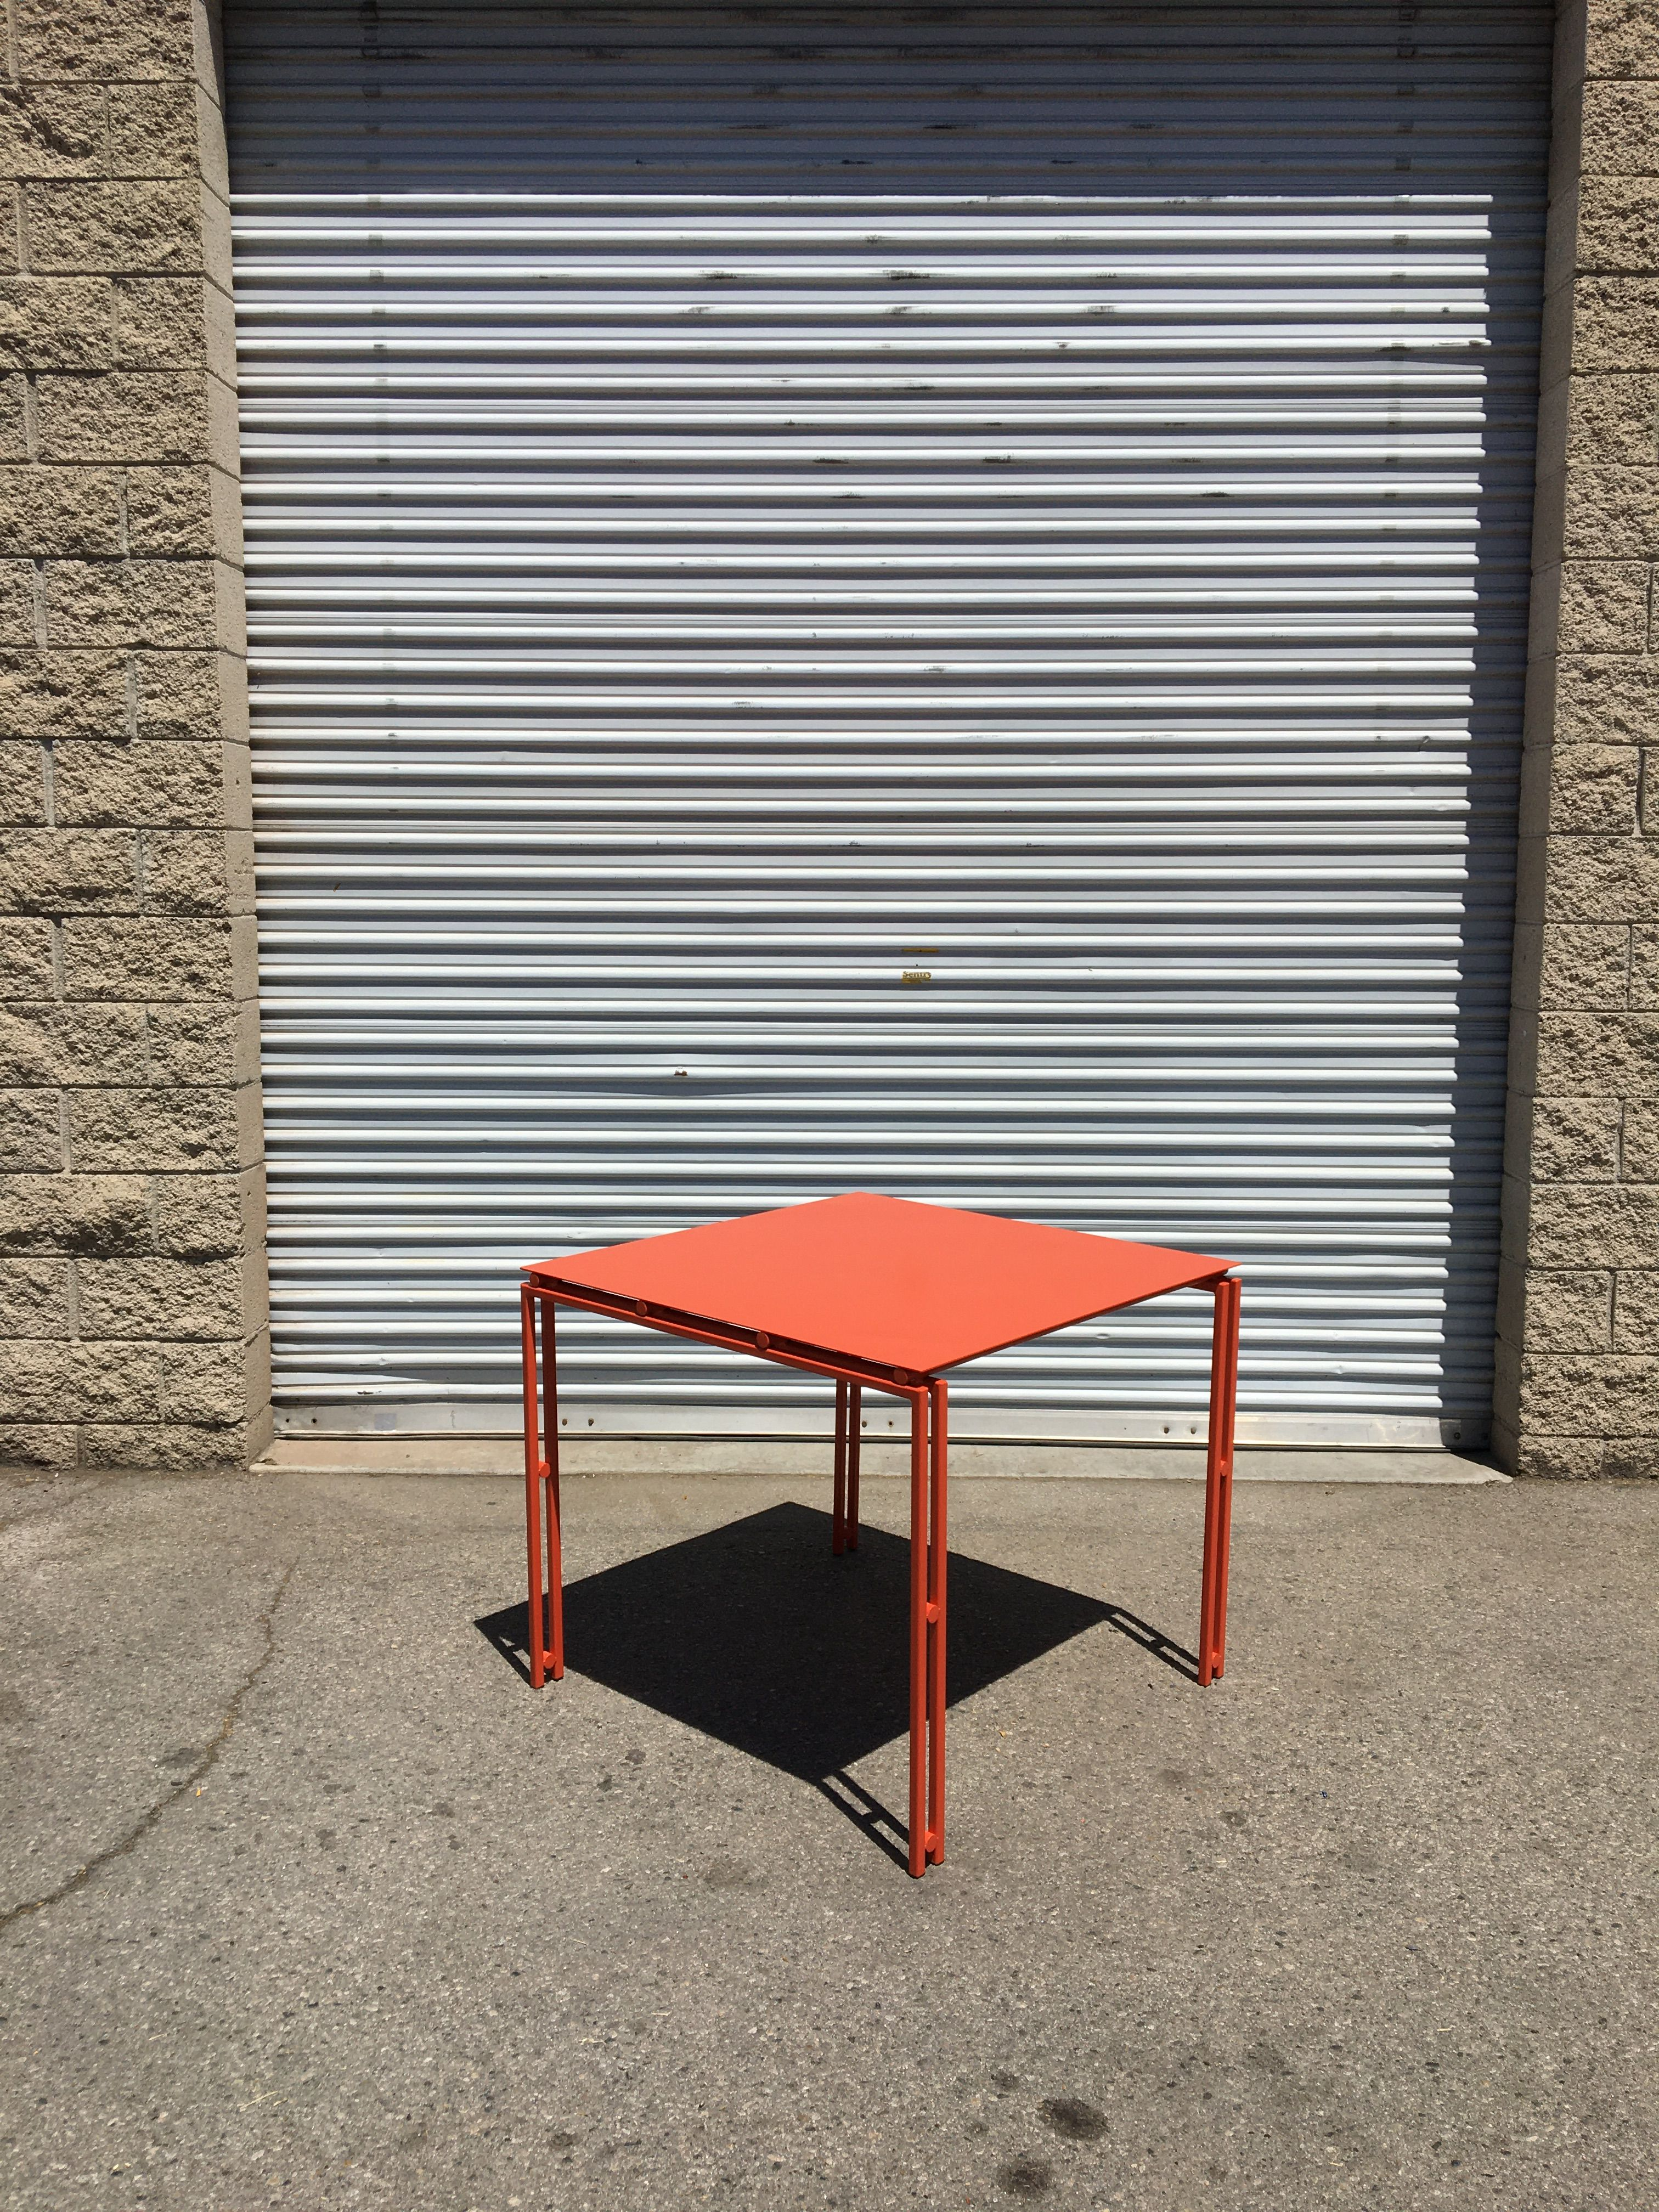 Suspension Metal Set - SIZED LA product image 7